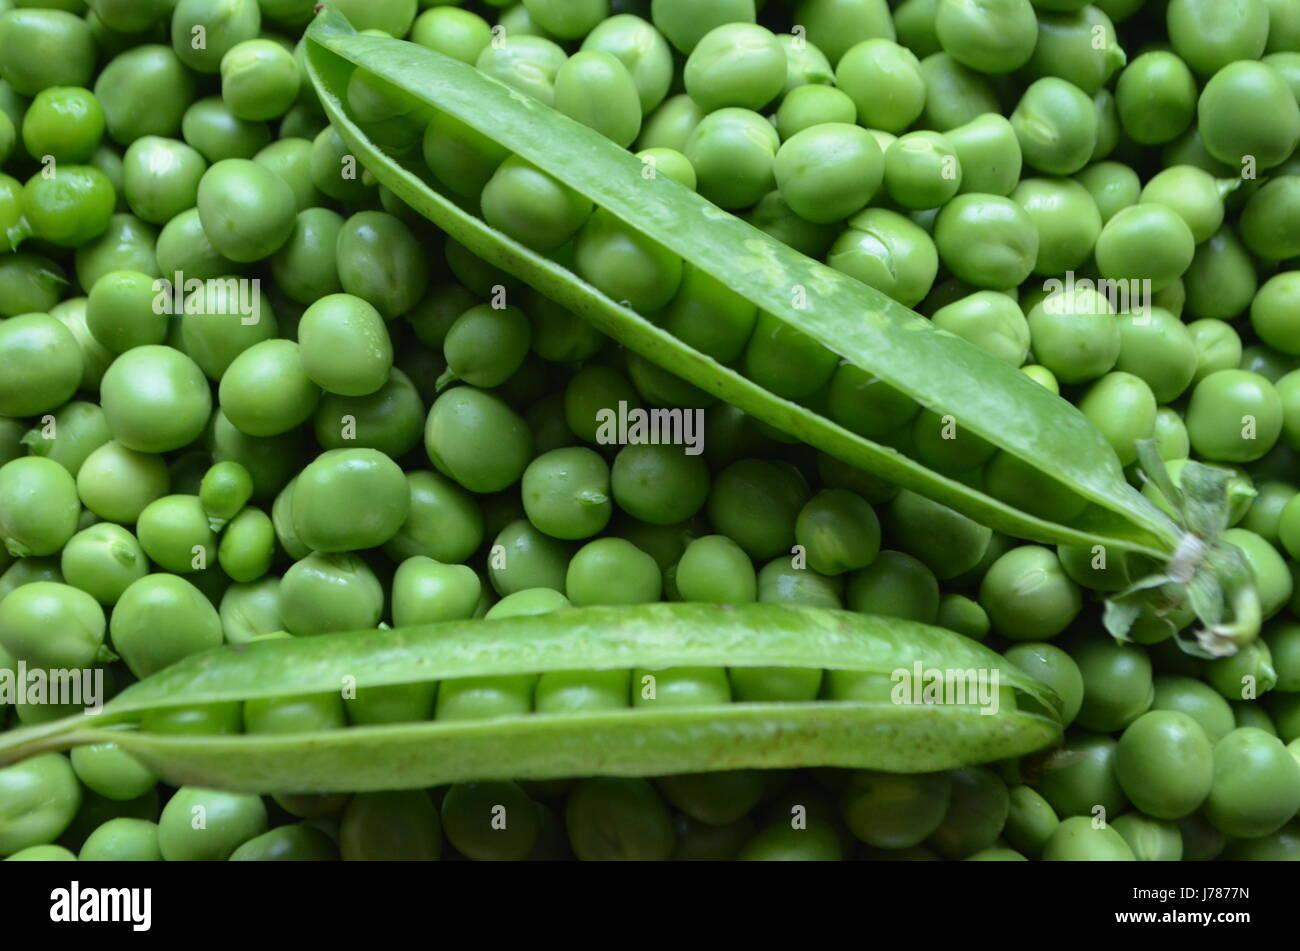 Les gousses de pois verts Photo Stock